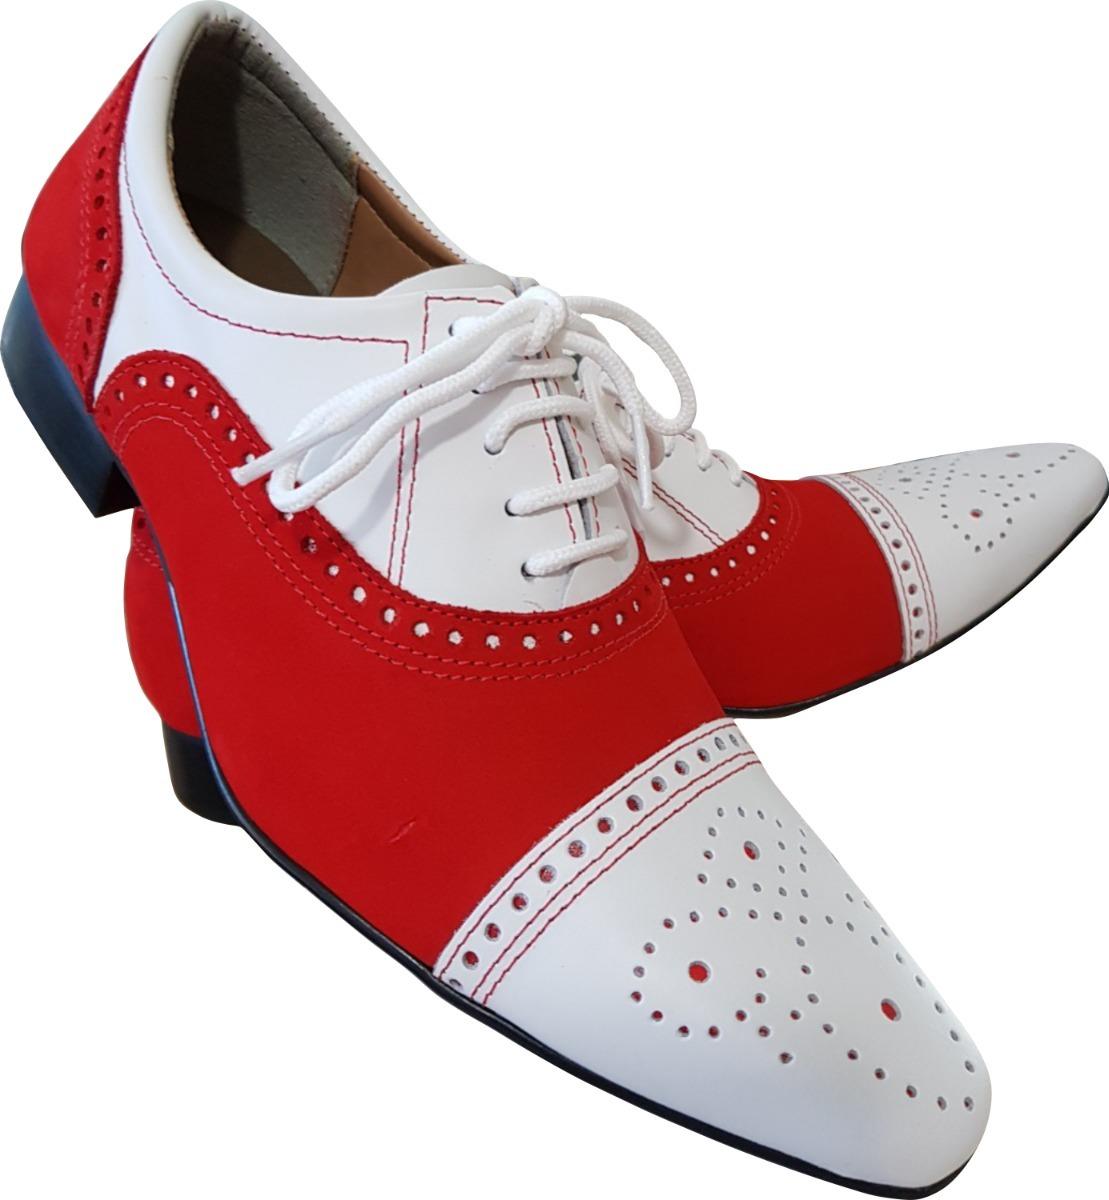 2bfcab8849 Sapato Masculino Em Couro Branco E Camurca Vermelho Ref  650 - R ...